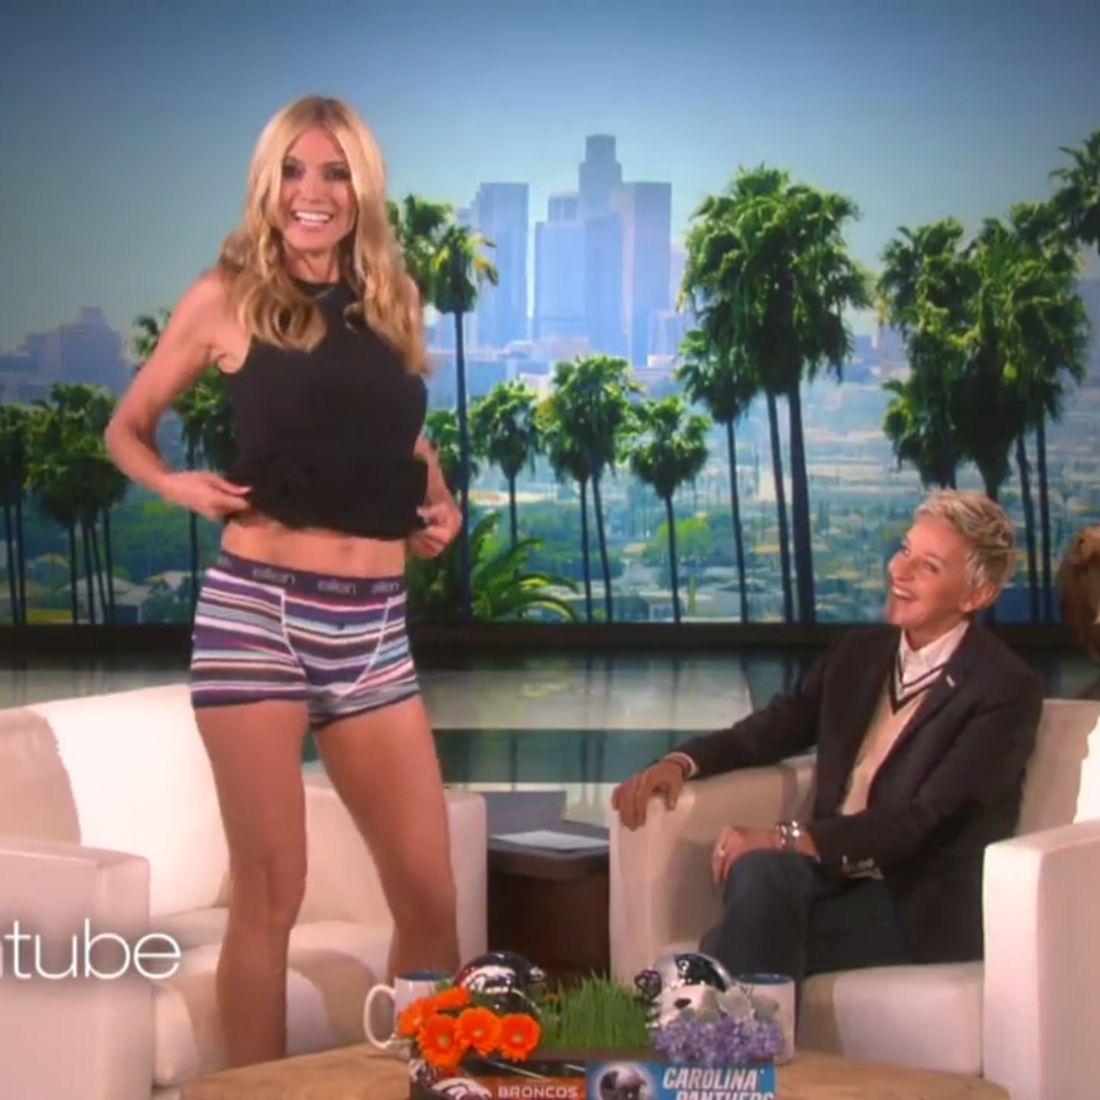 Heidi Klum präsentiert ihre Unterwäsche